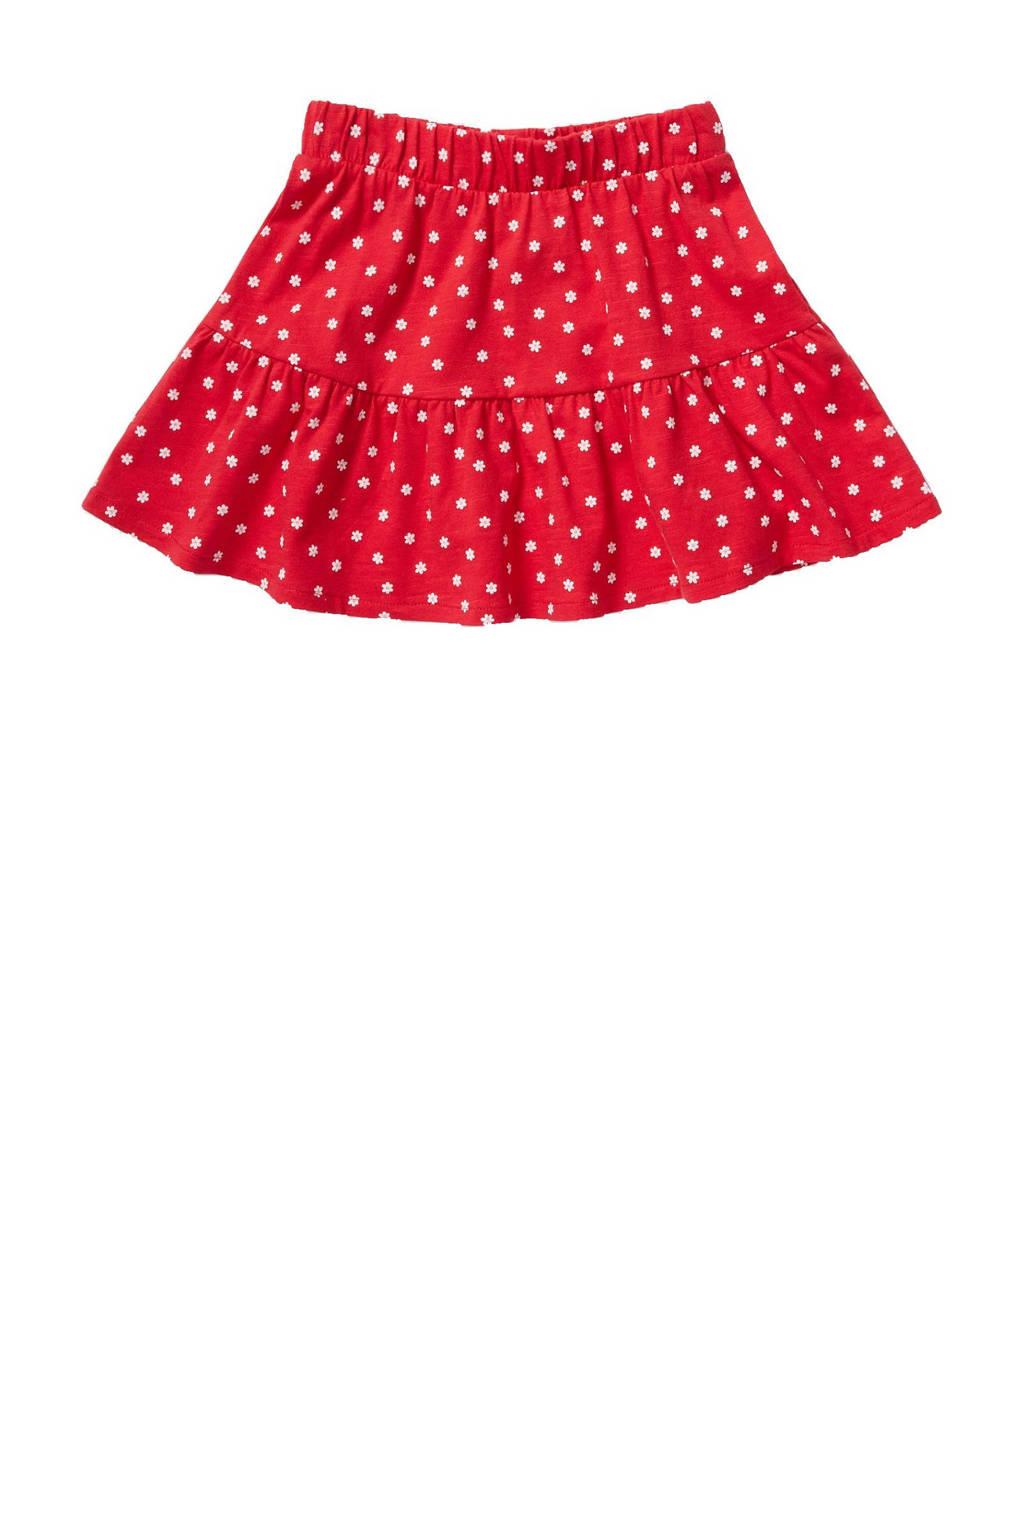 C&A Palomino gebloemde rok van biologisch katoen rood, Rood